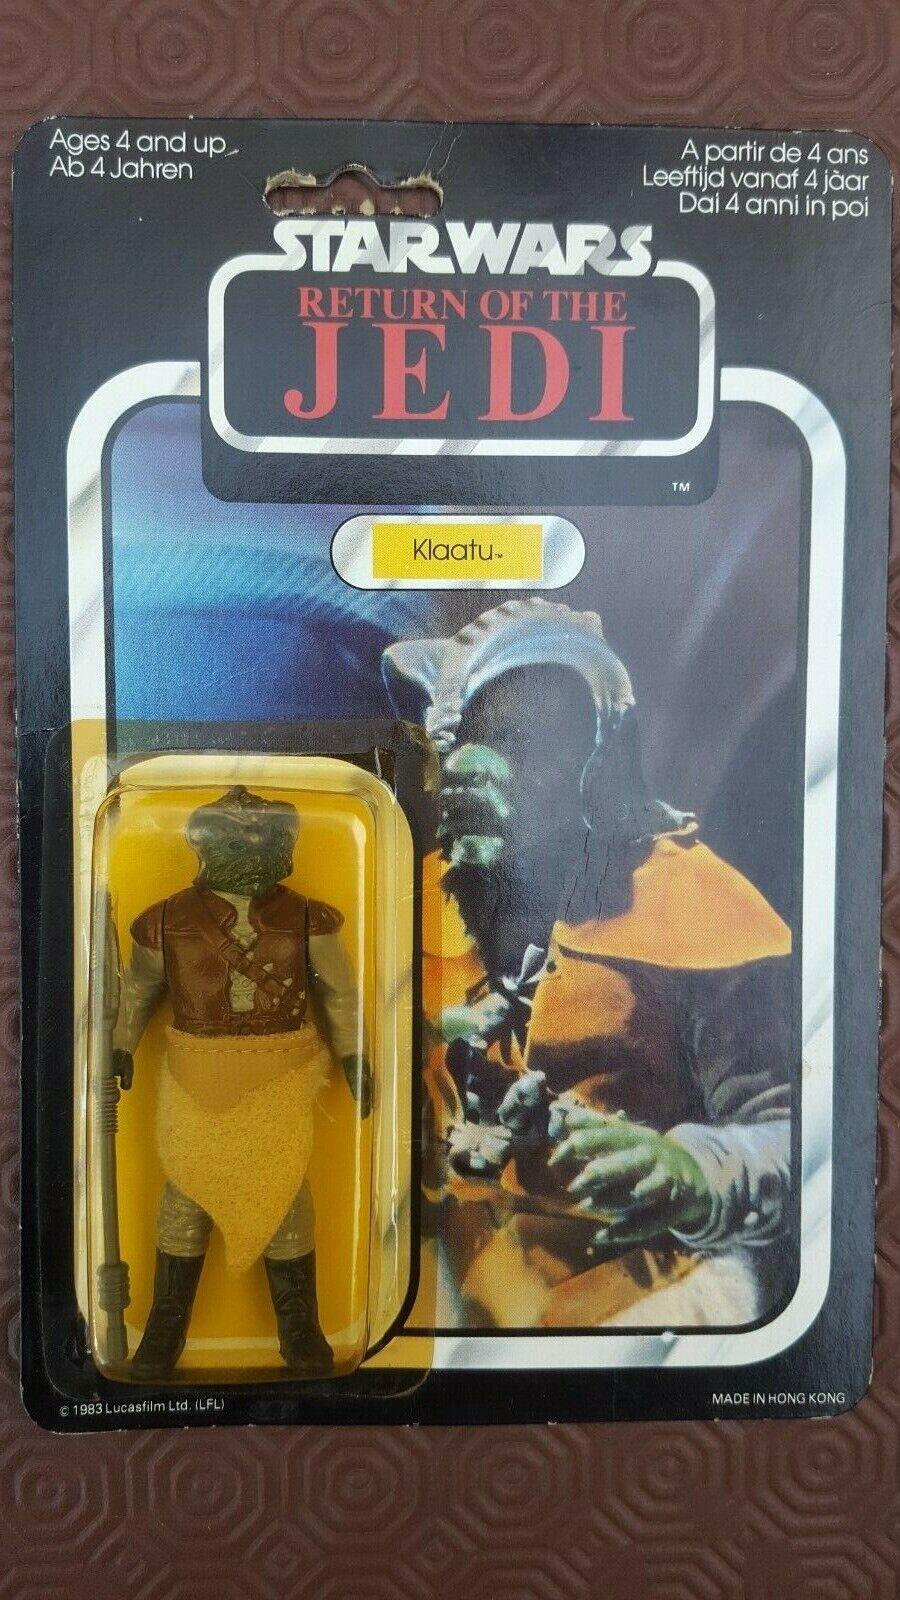 Star Wars Klaatu Return of the Jedi ROTJ 65 Back MOC Palitoy Jabba